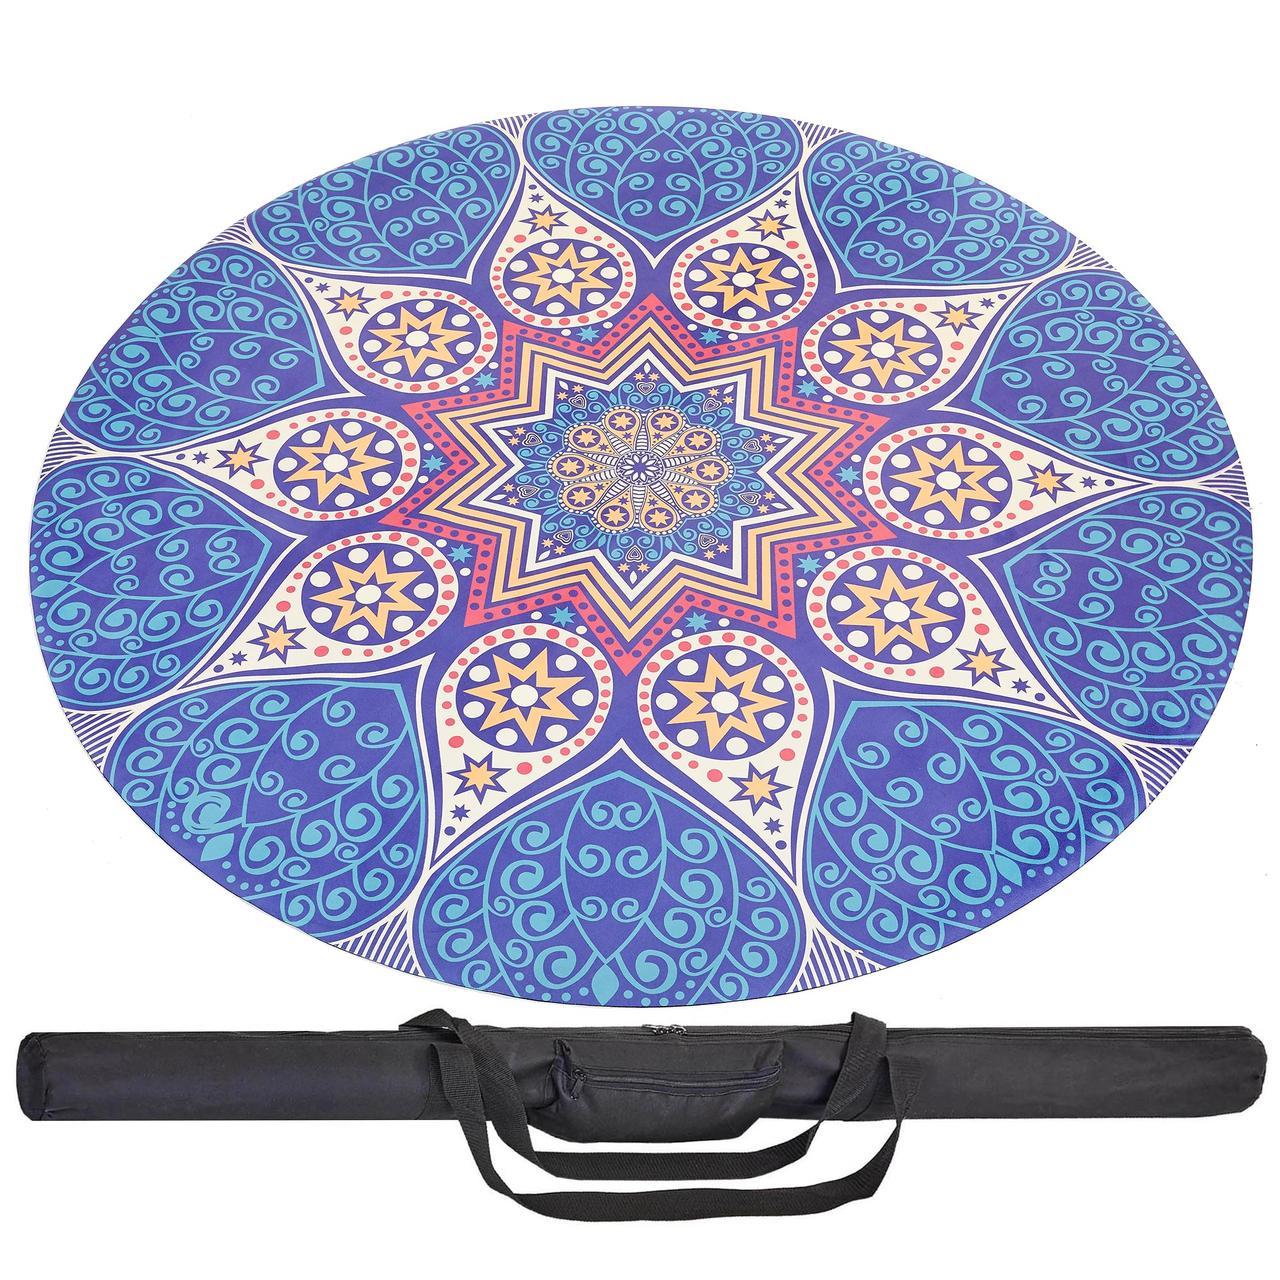 Коврик для йоги круглый Замшевый каучуковый 3мм Record FI-6218-2-C (синий-белый, с принтом Возрождение)